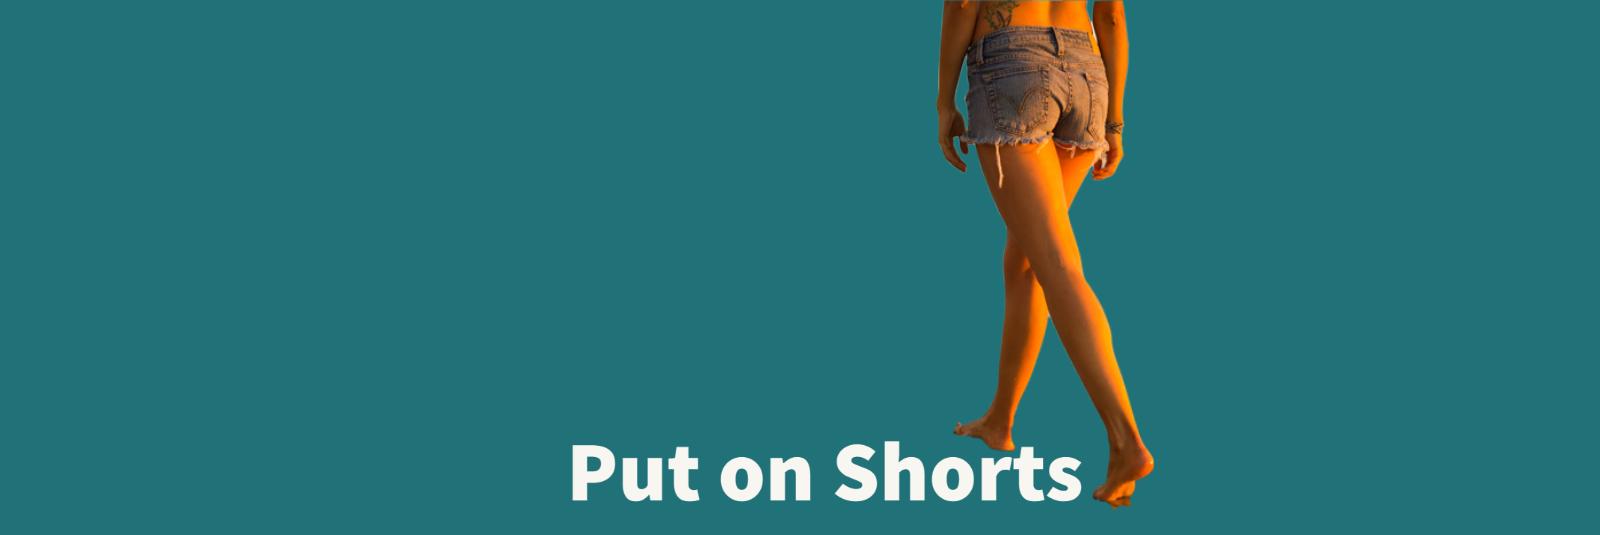 Put On Shorts